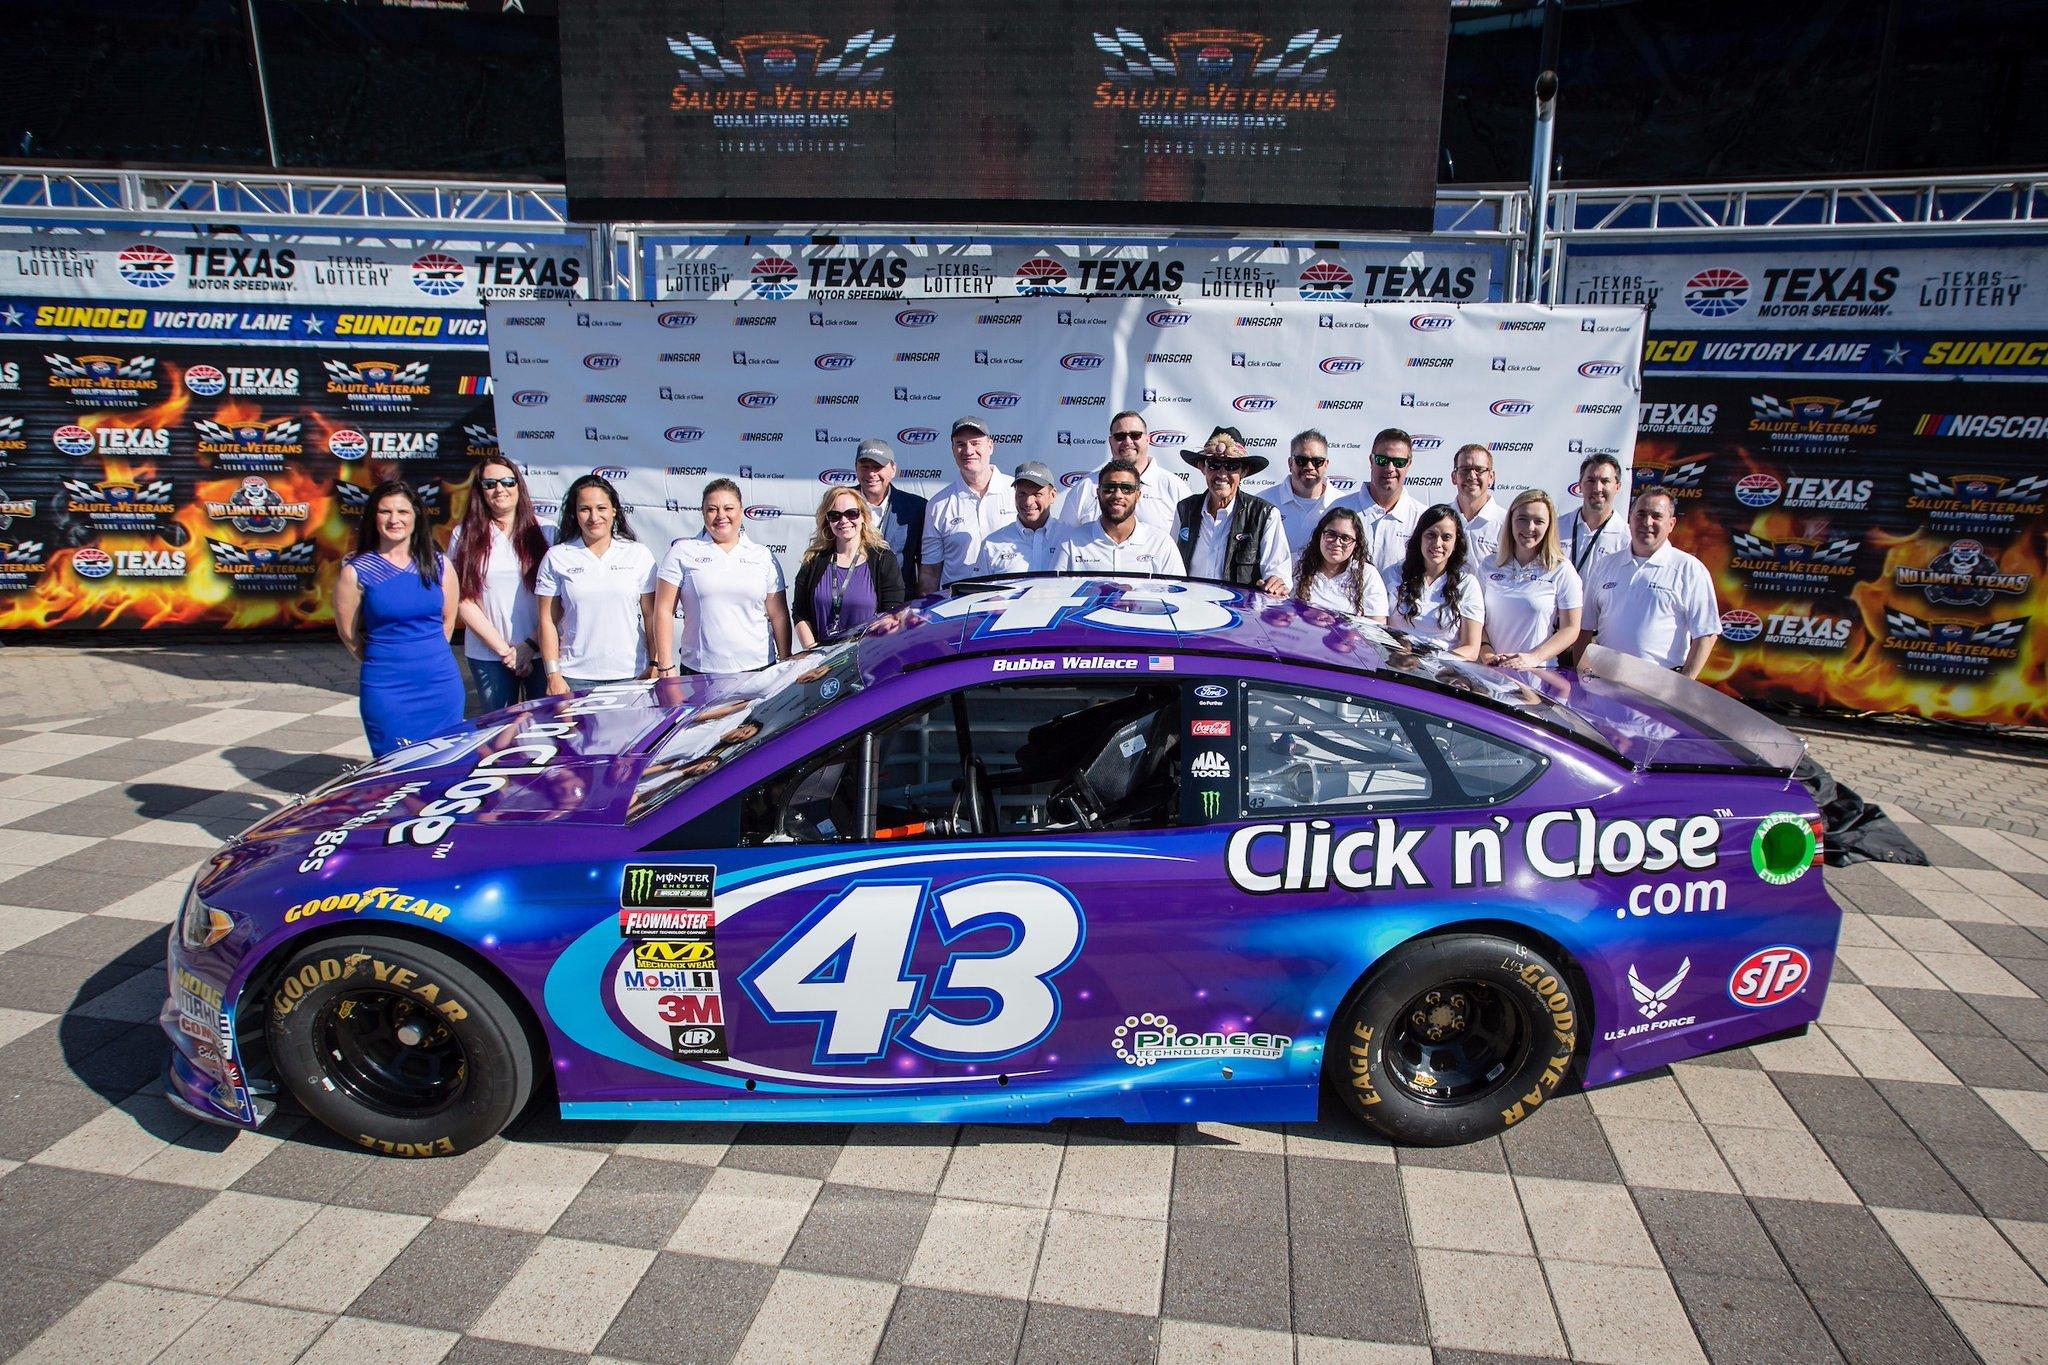 Bubba Wallace 2018 Car Click N Close Racing News